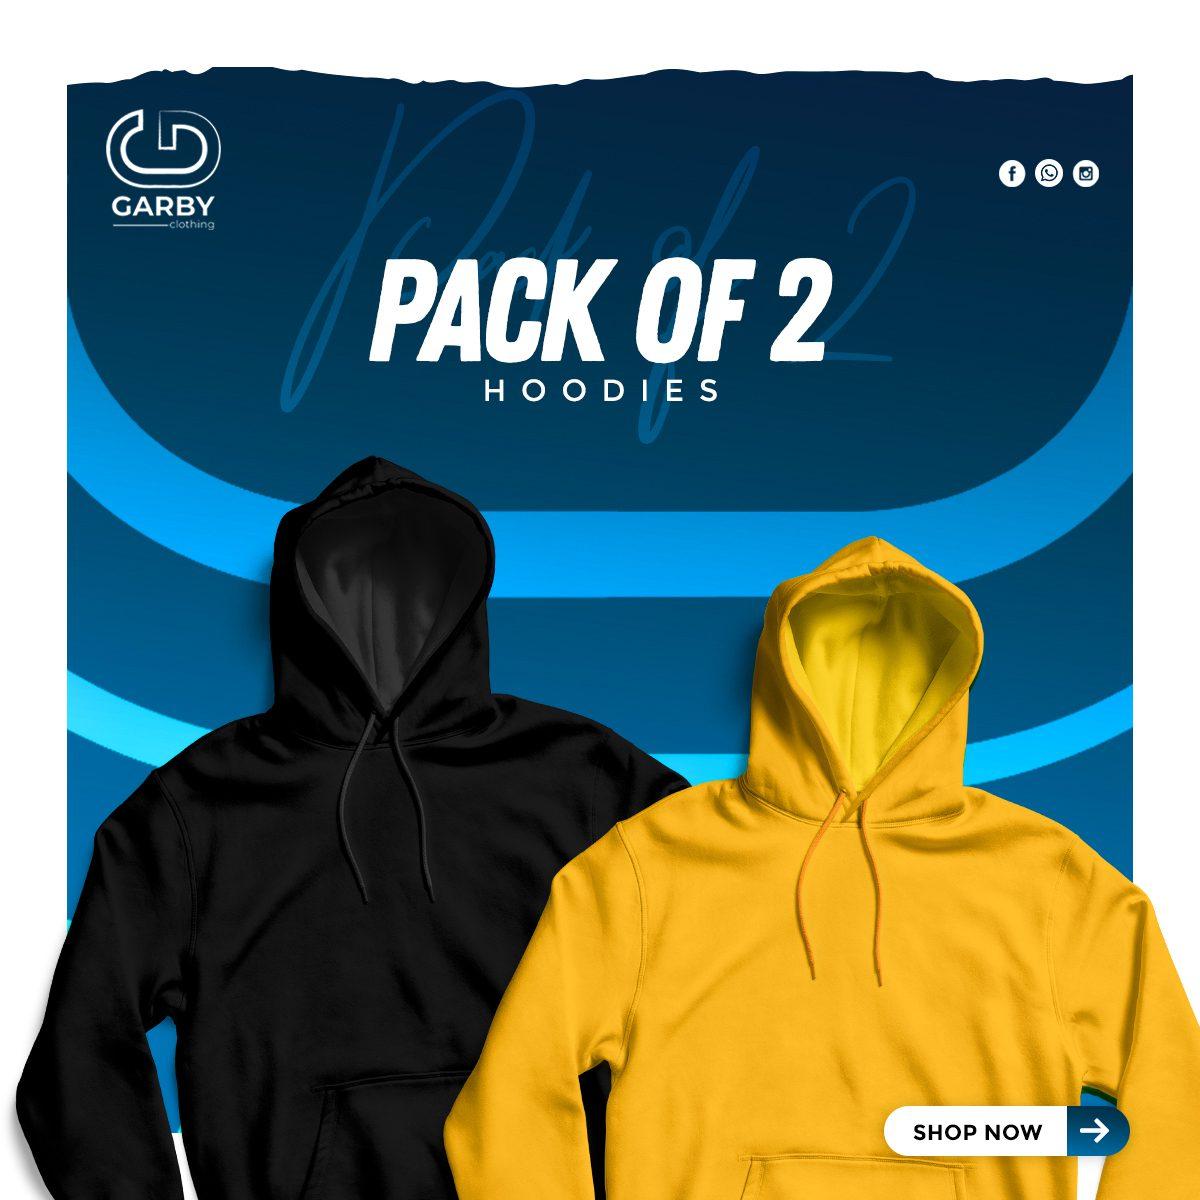 pack-of-2-hoodies